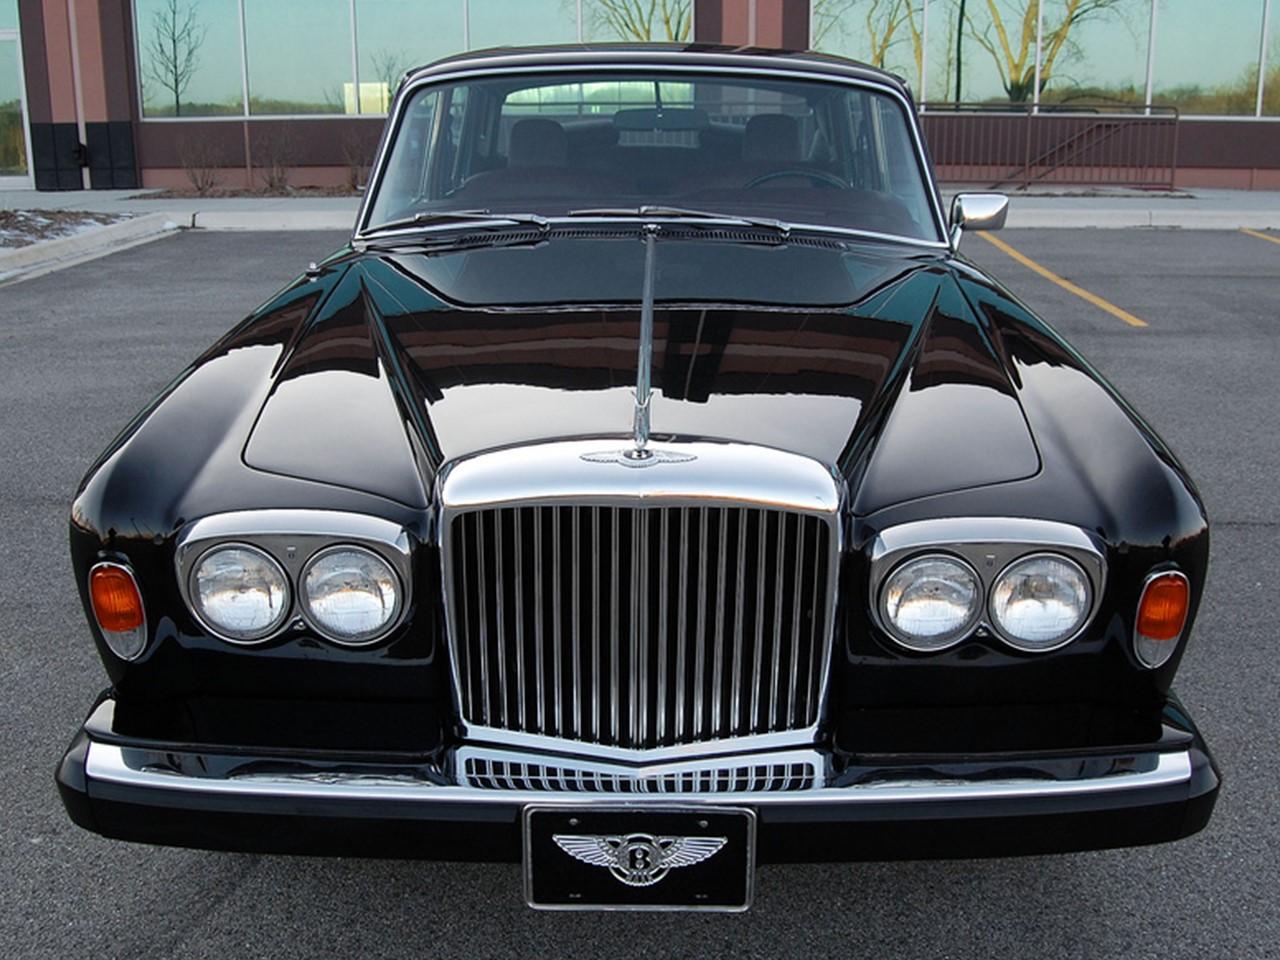 Bentley Vs Rolls Royce